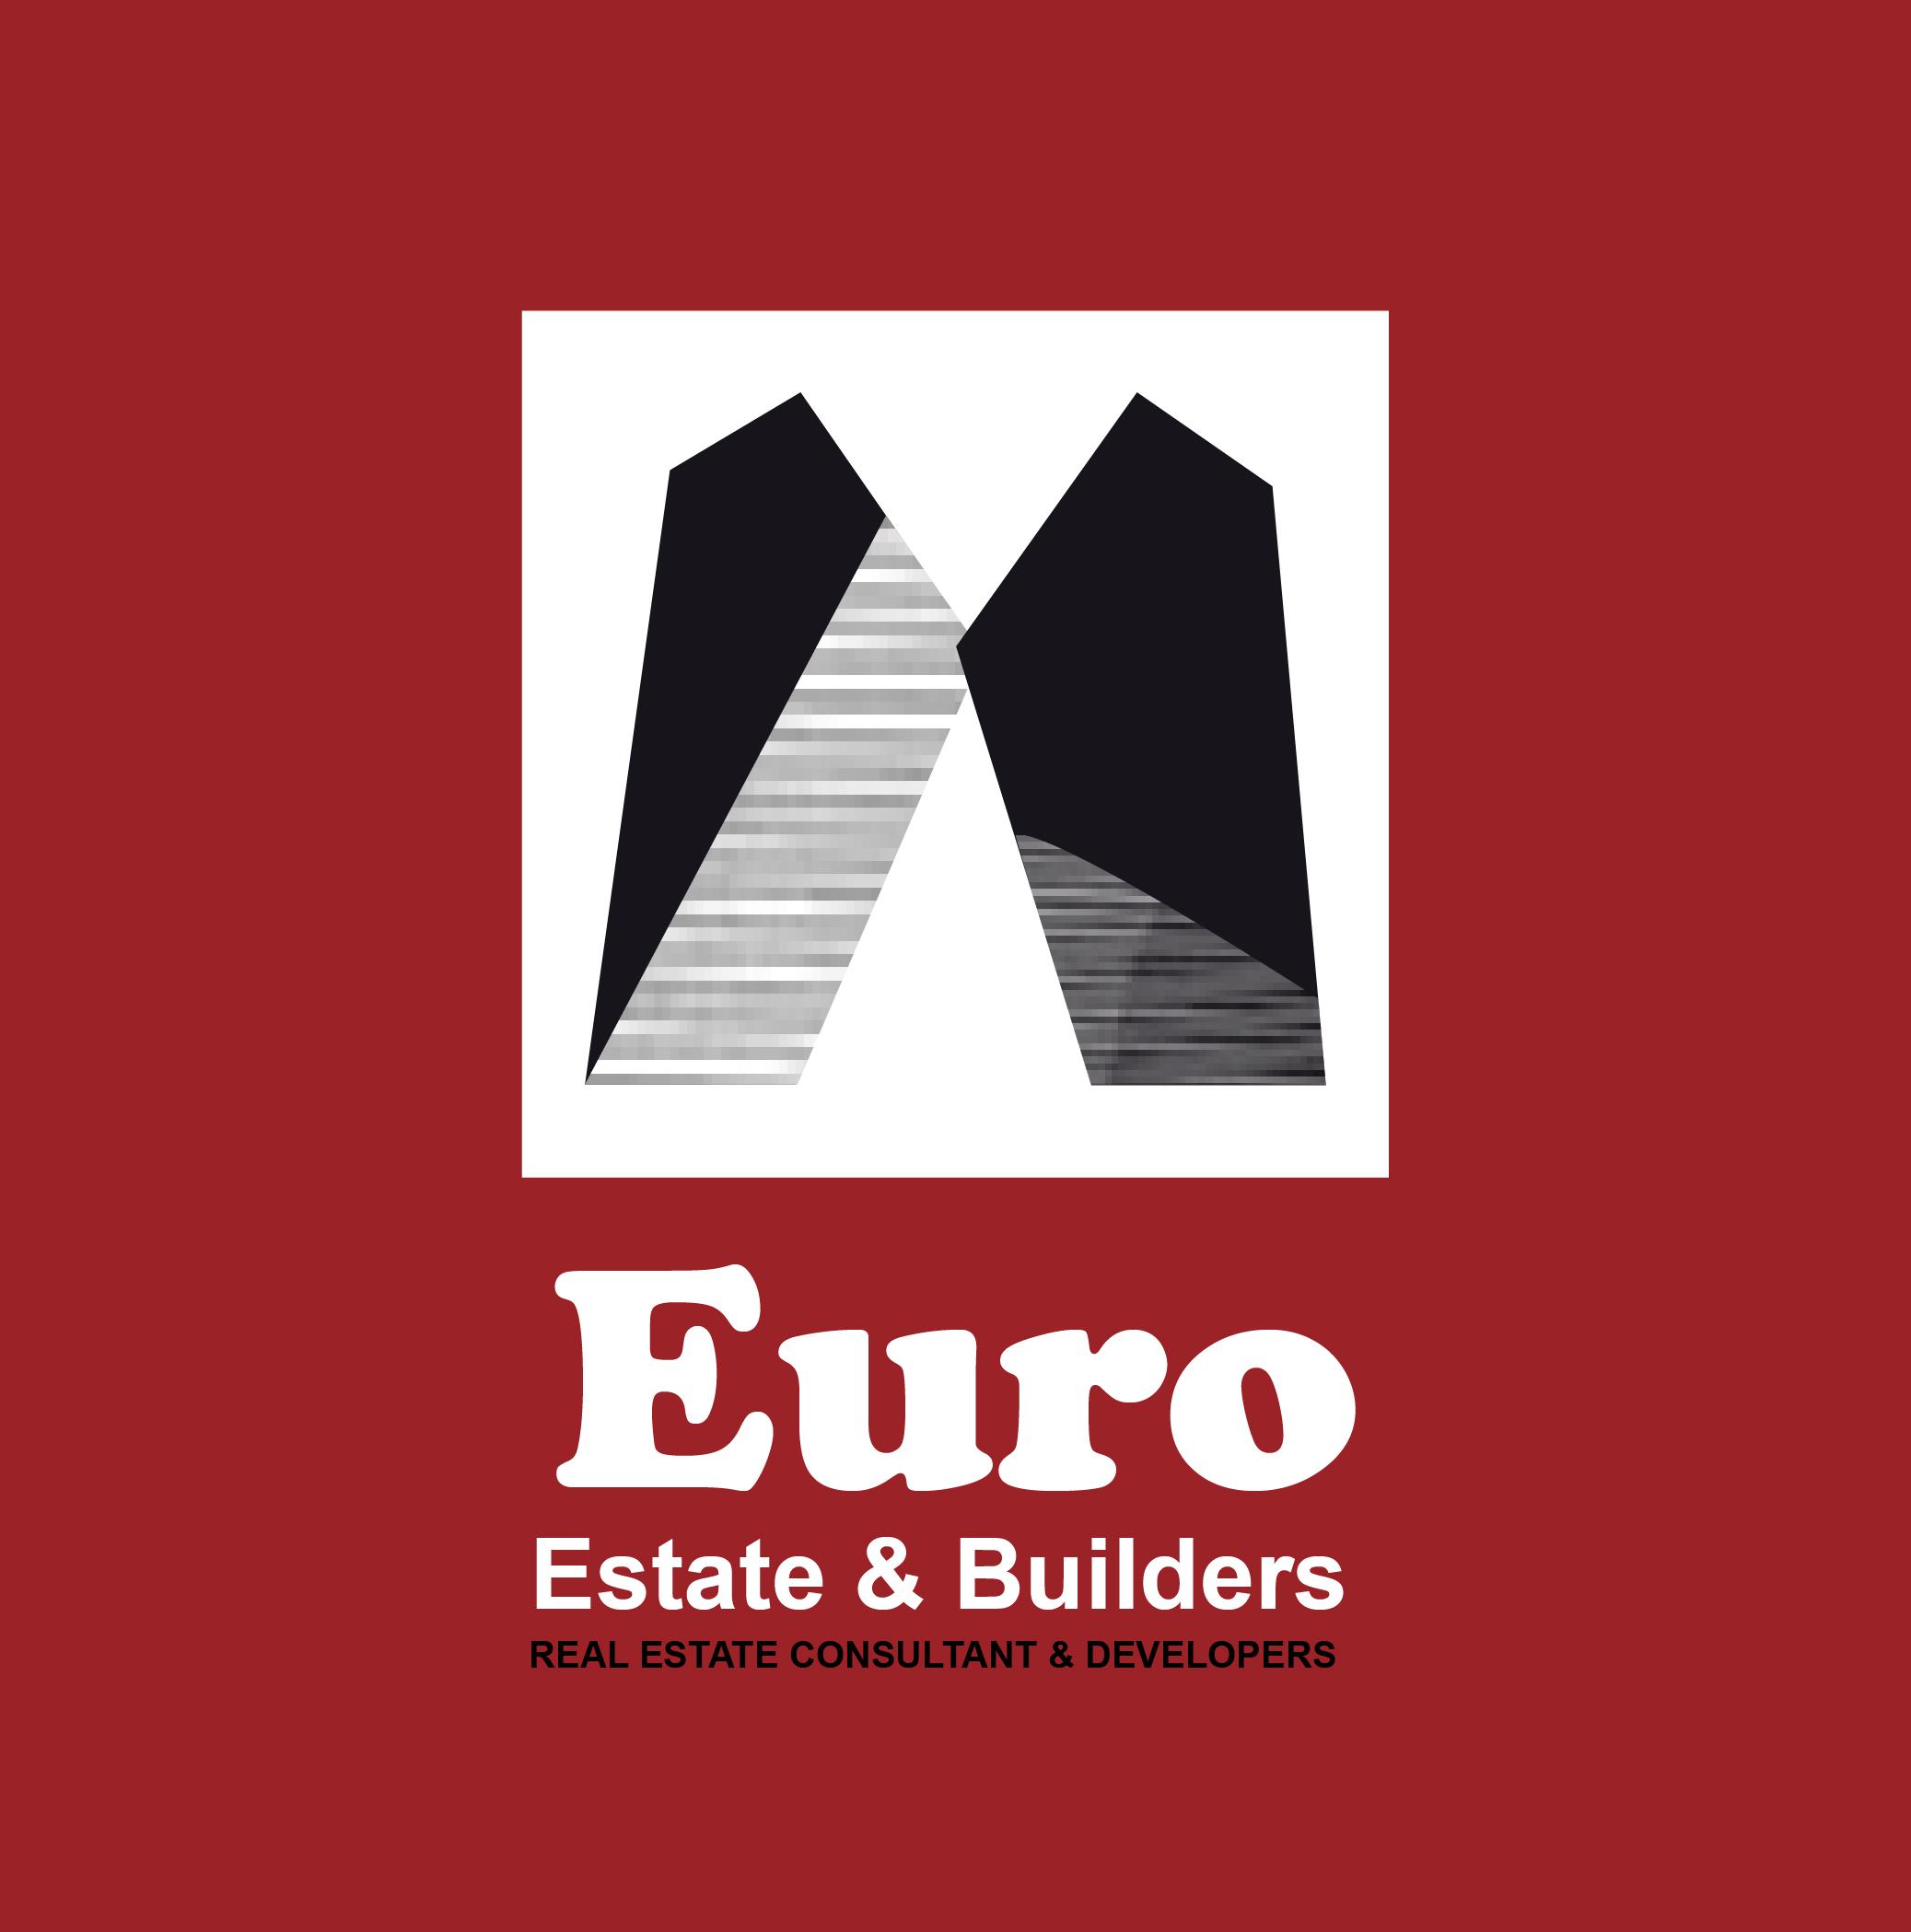 Euro Estate